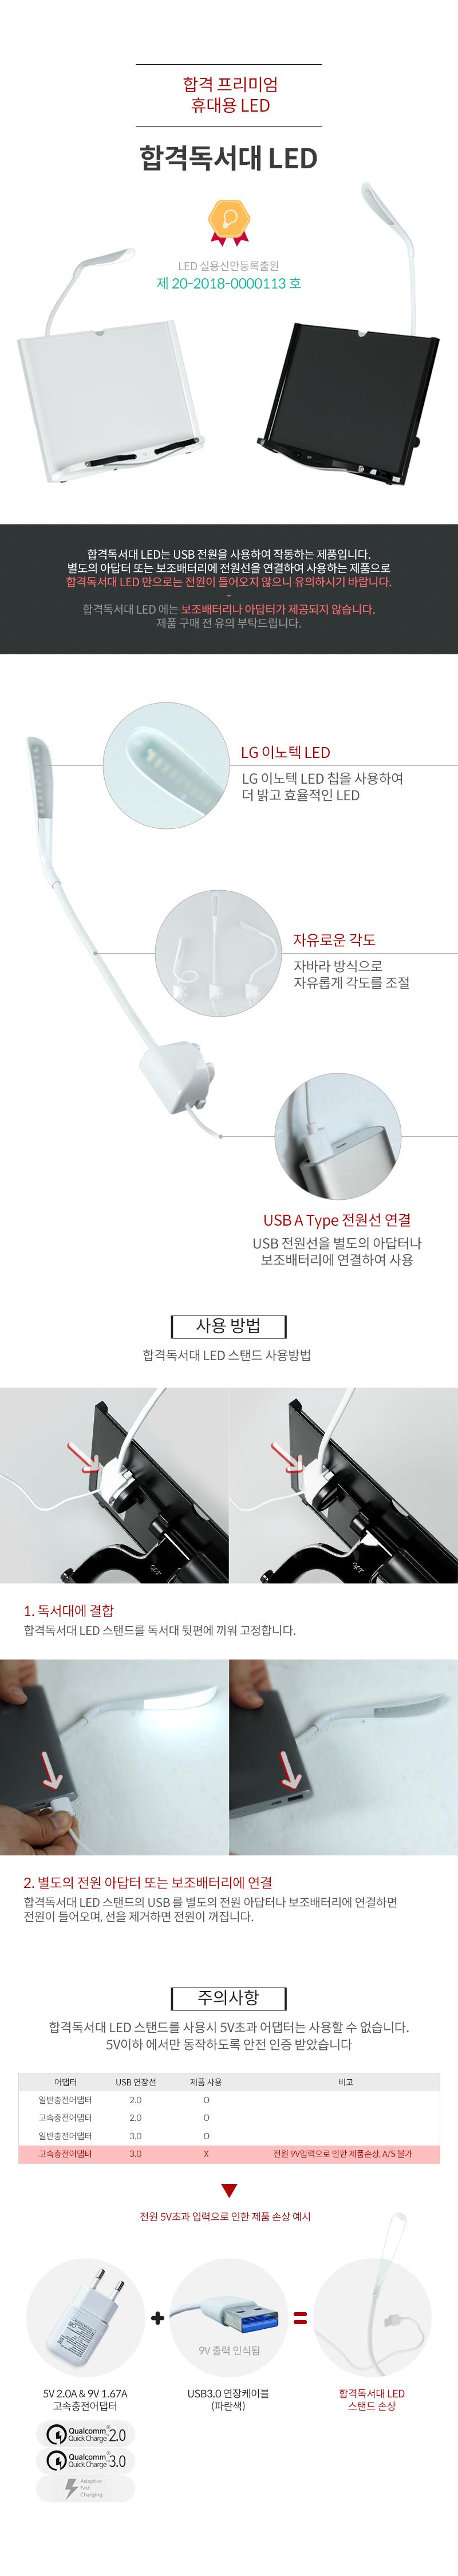 합격독서대 LED 특징 및 사용방법, 유의사항